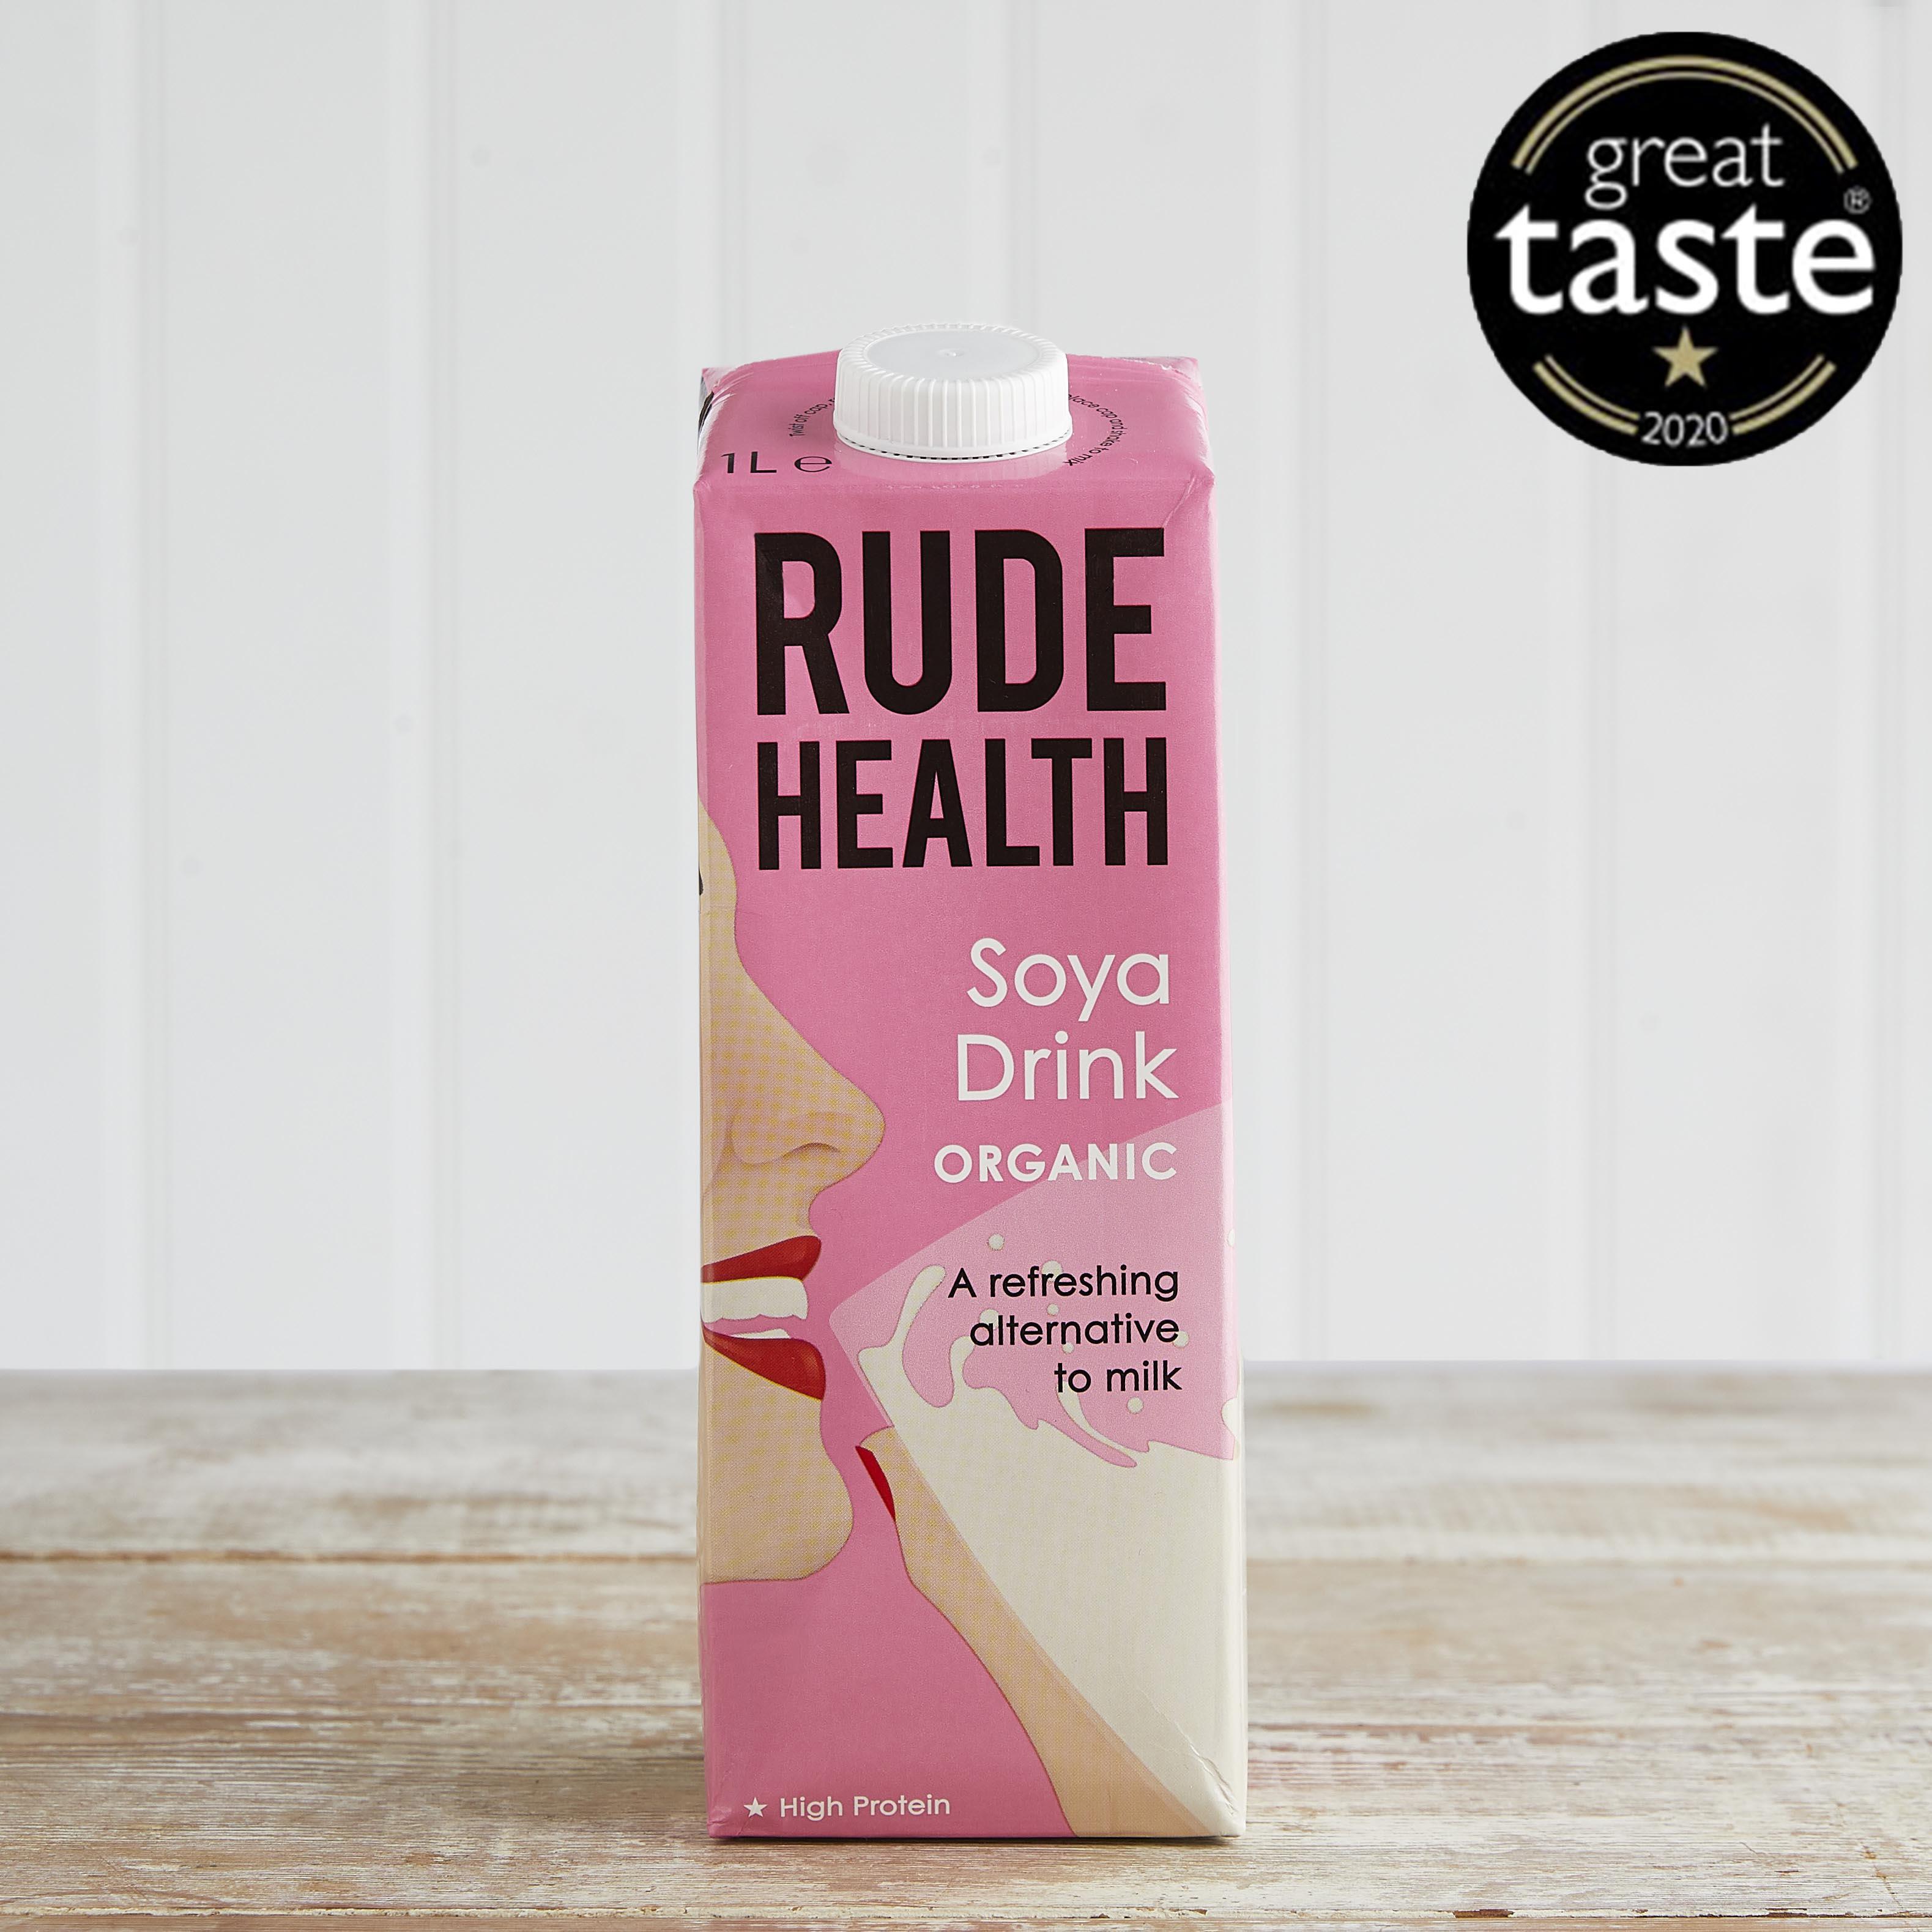 Rude Health Organic Soya Drink, 1L